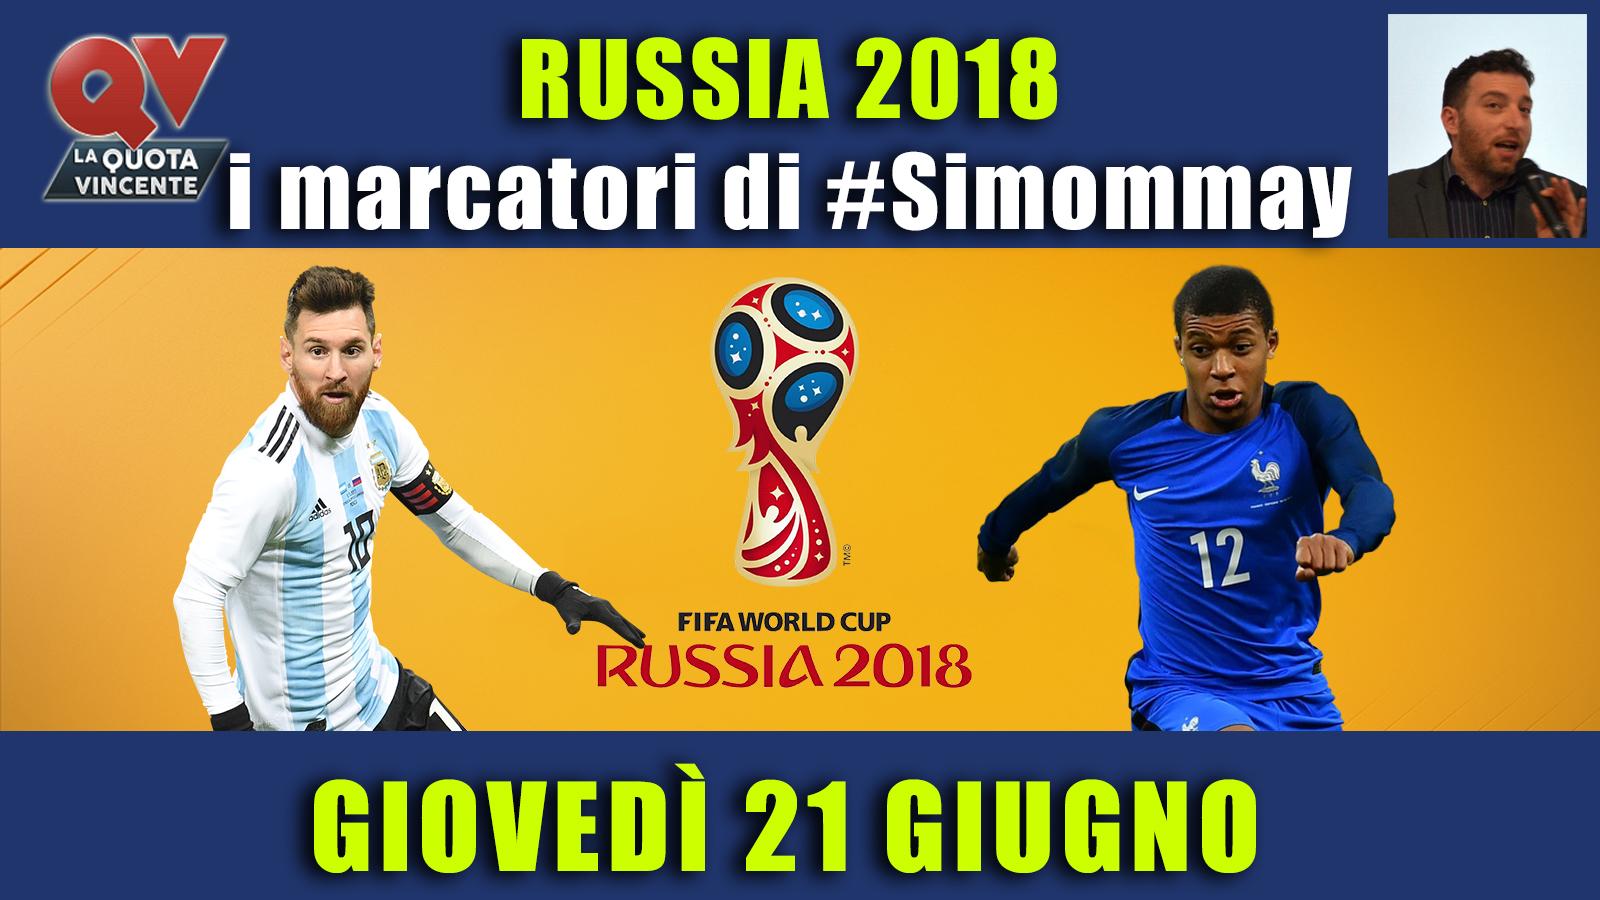 Pronostici marcatori Mondiali 21 giugno: i marcatori di #simommay